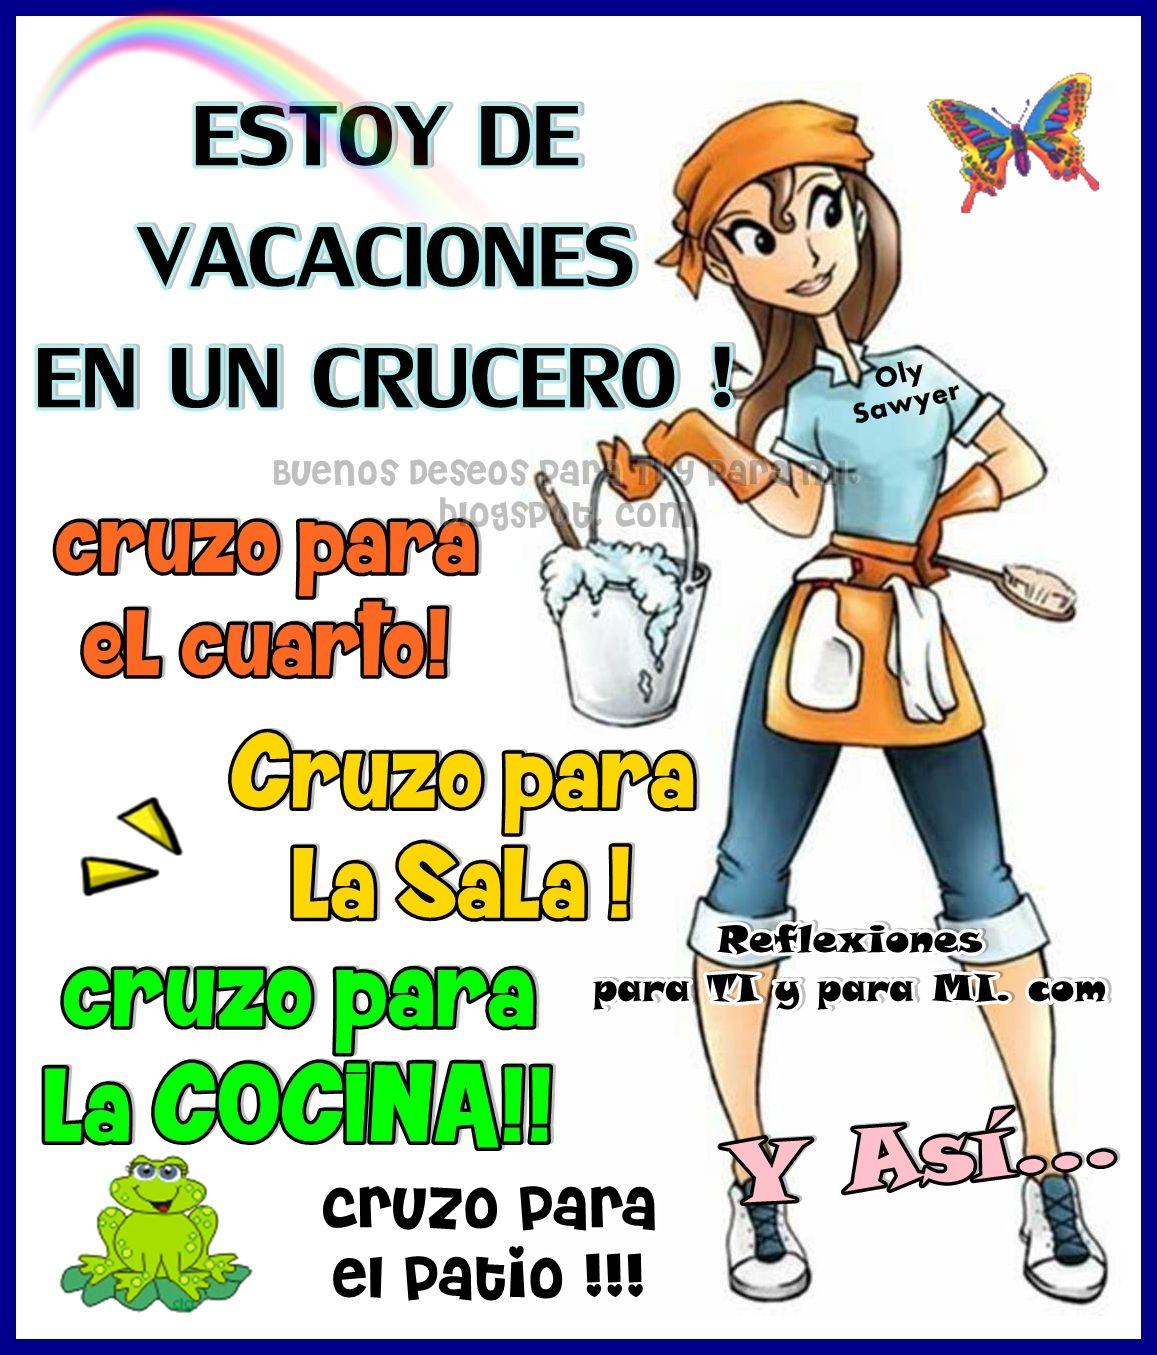 ESTOY DE VACACIONES EN UN CRUCERO ! | Mensaje Bonito | Pinterest ...